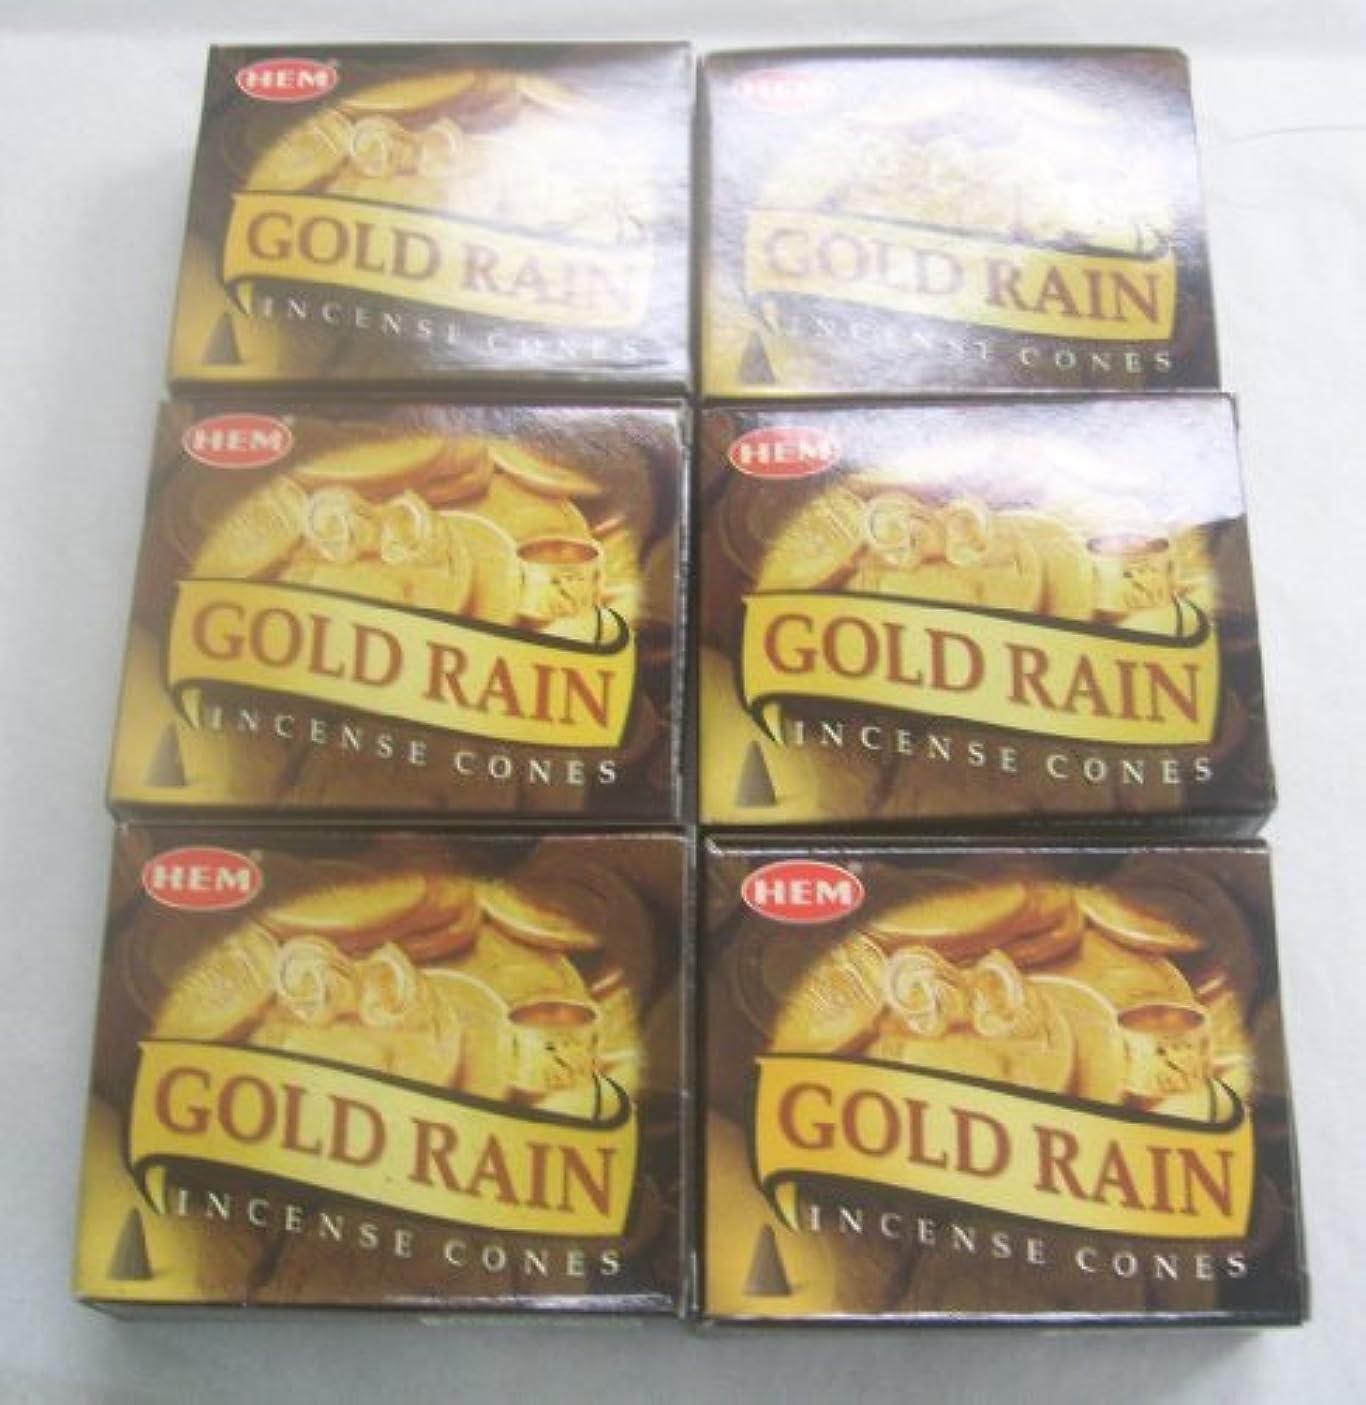 聖歌バズ辞任する裾ゴールド雨Incense Cones、6パックの10 Cones = 60 Cones